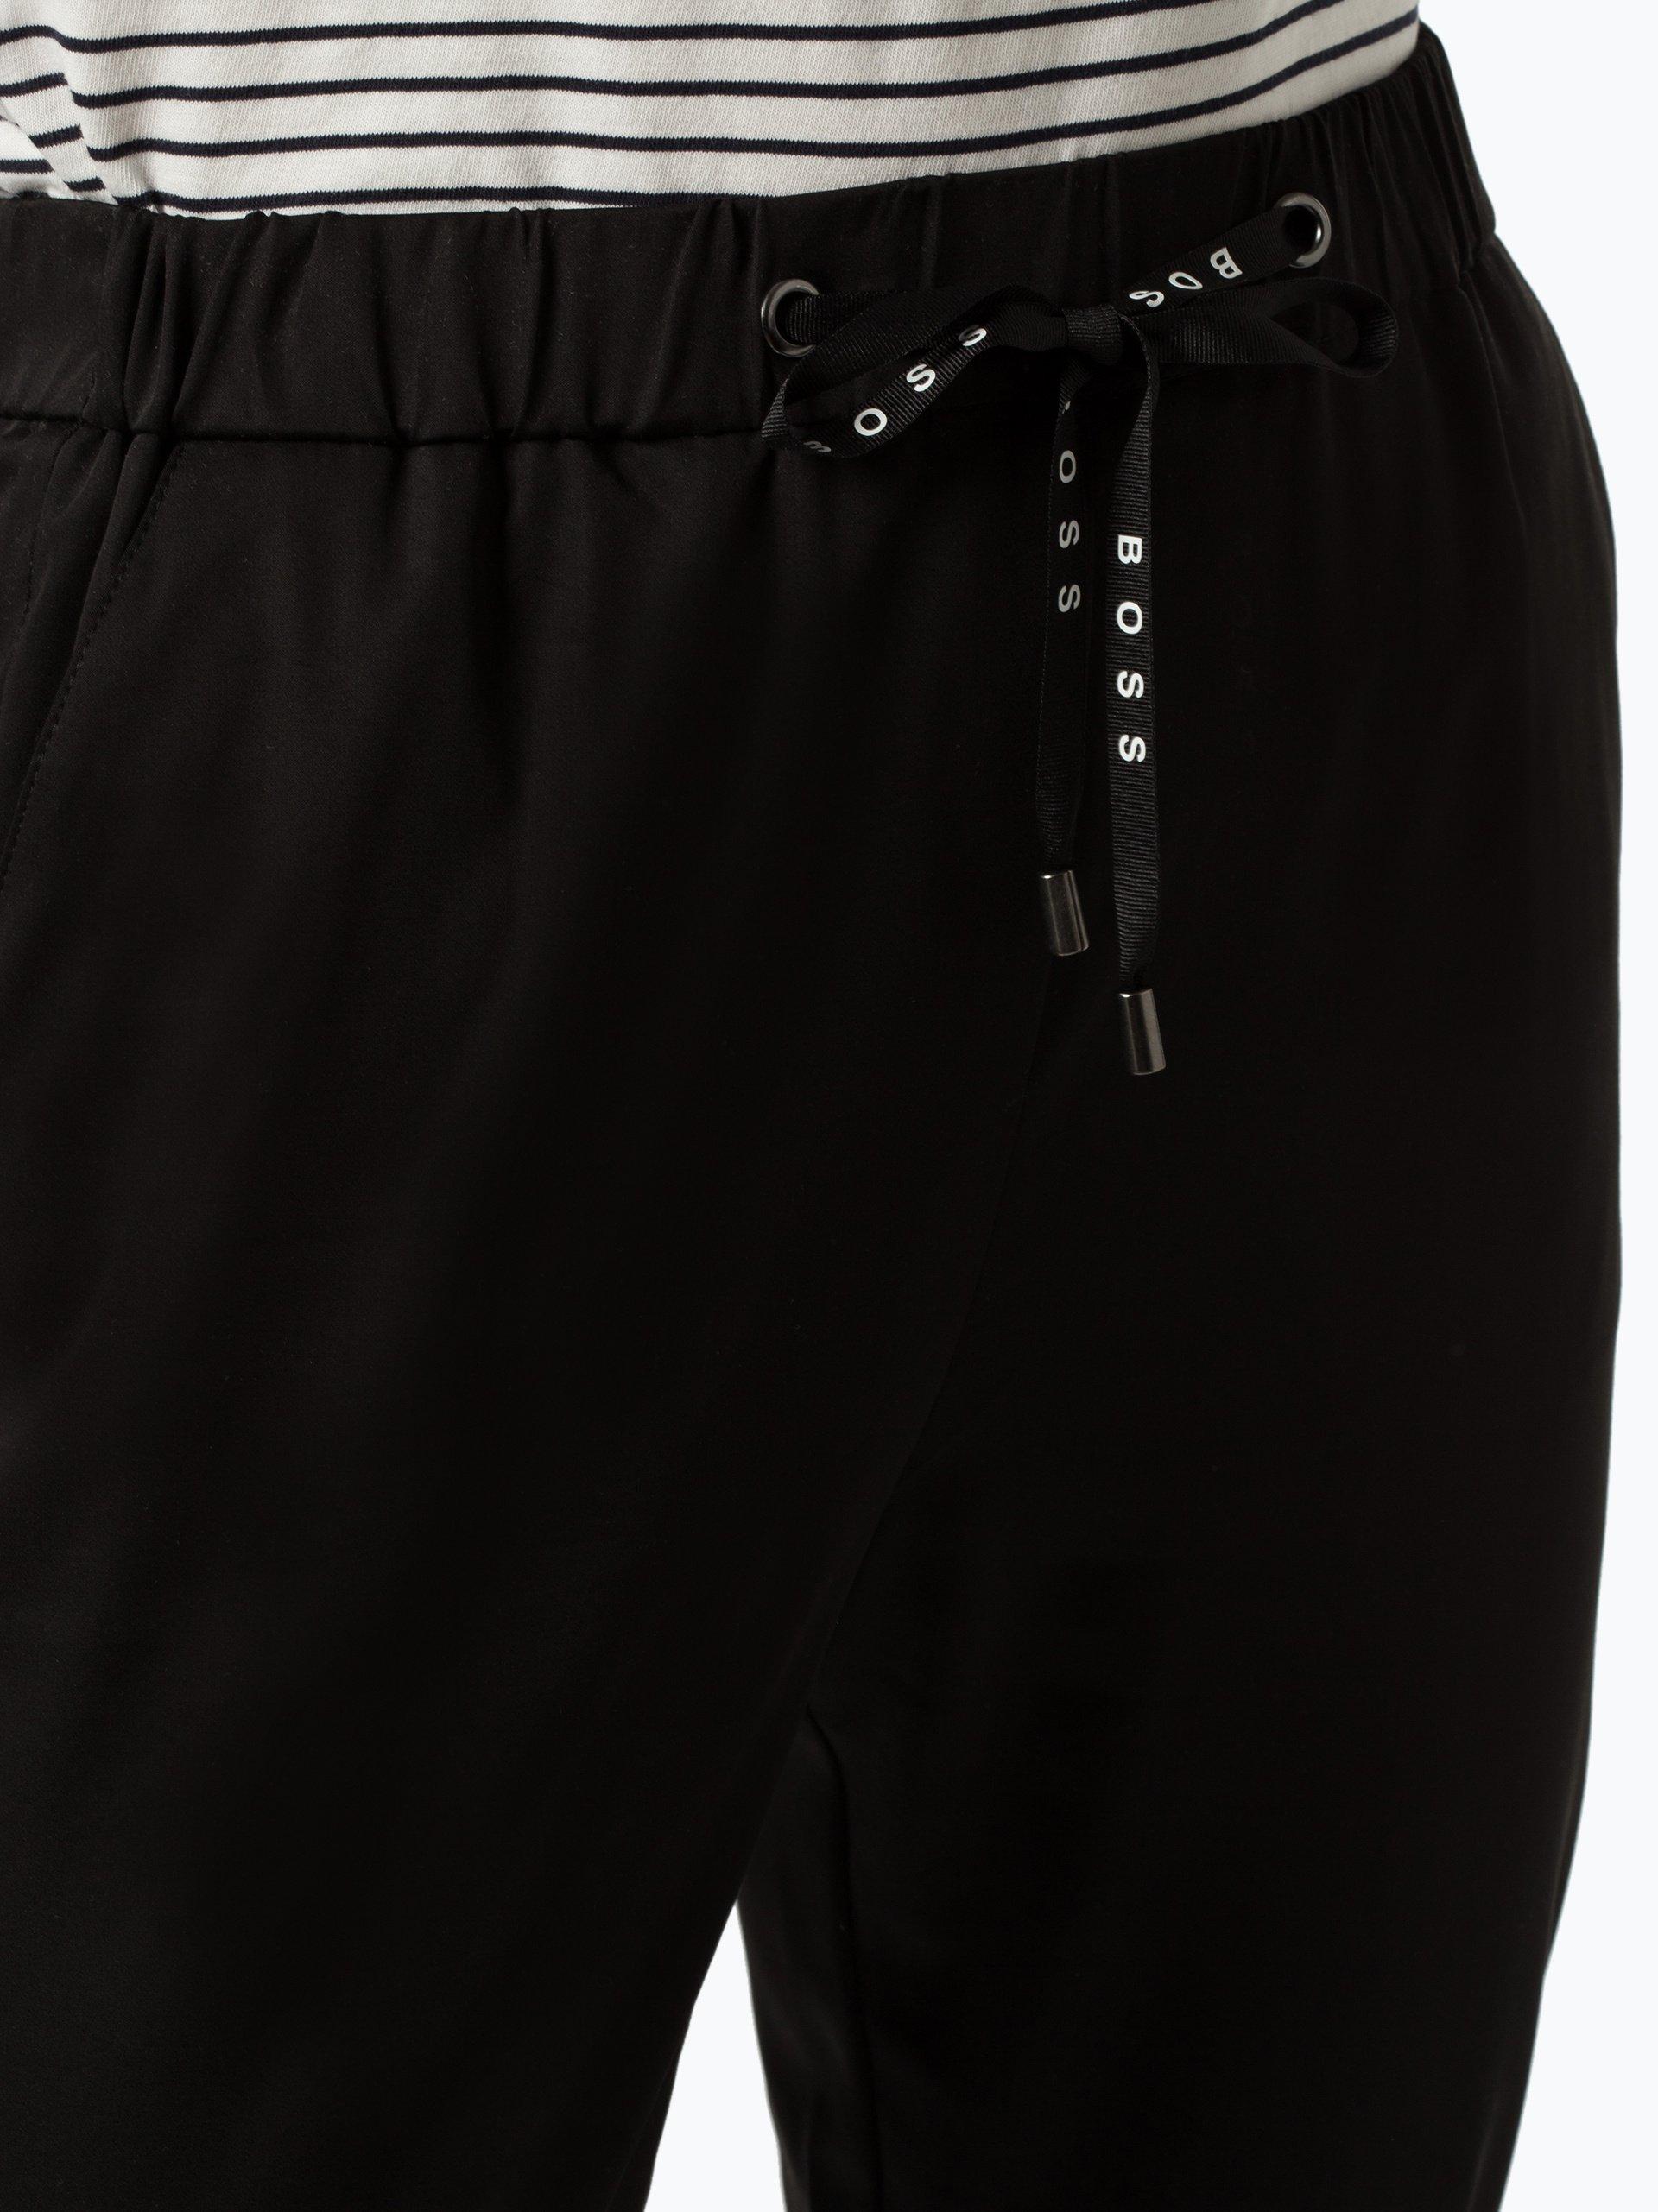 BOSS Casual Spodnie damskie – Satency1